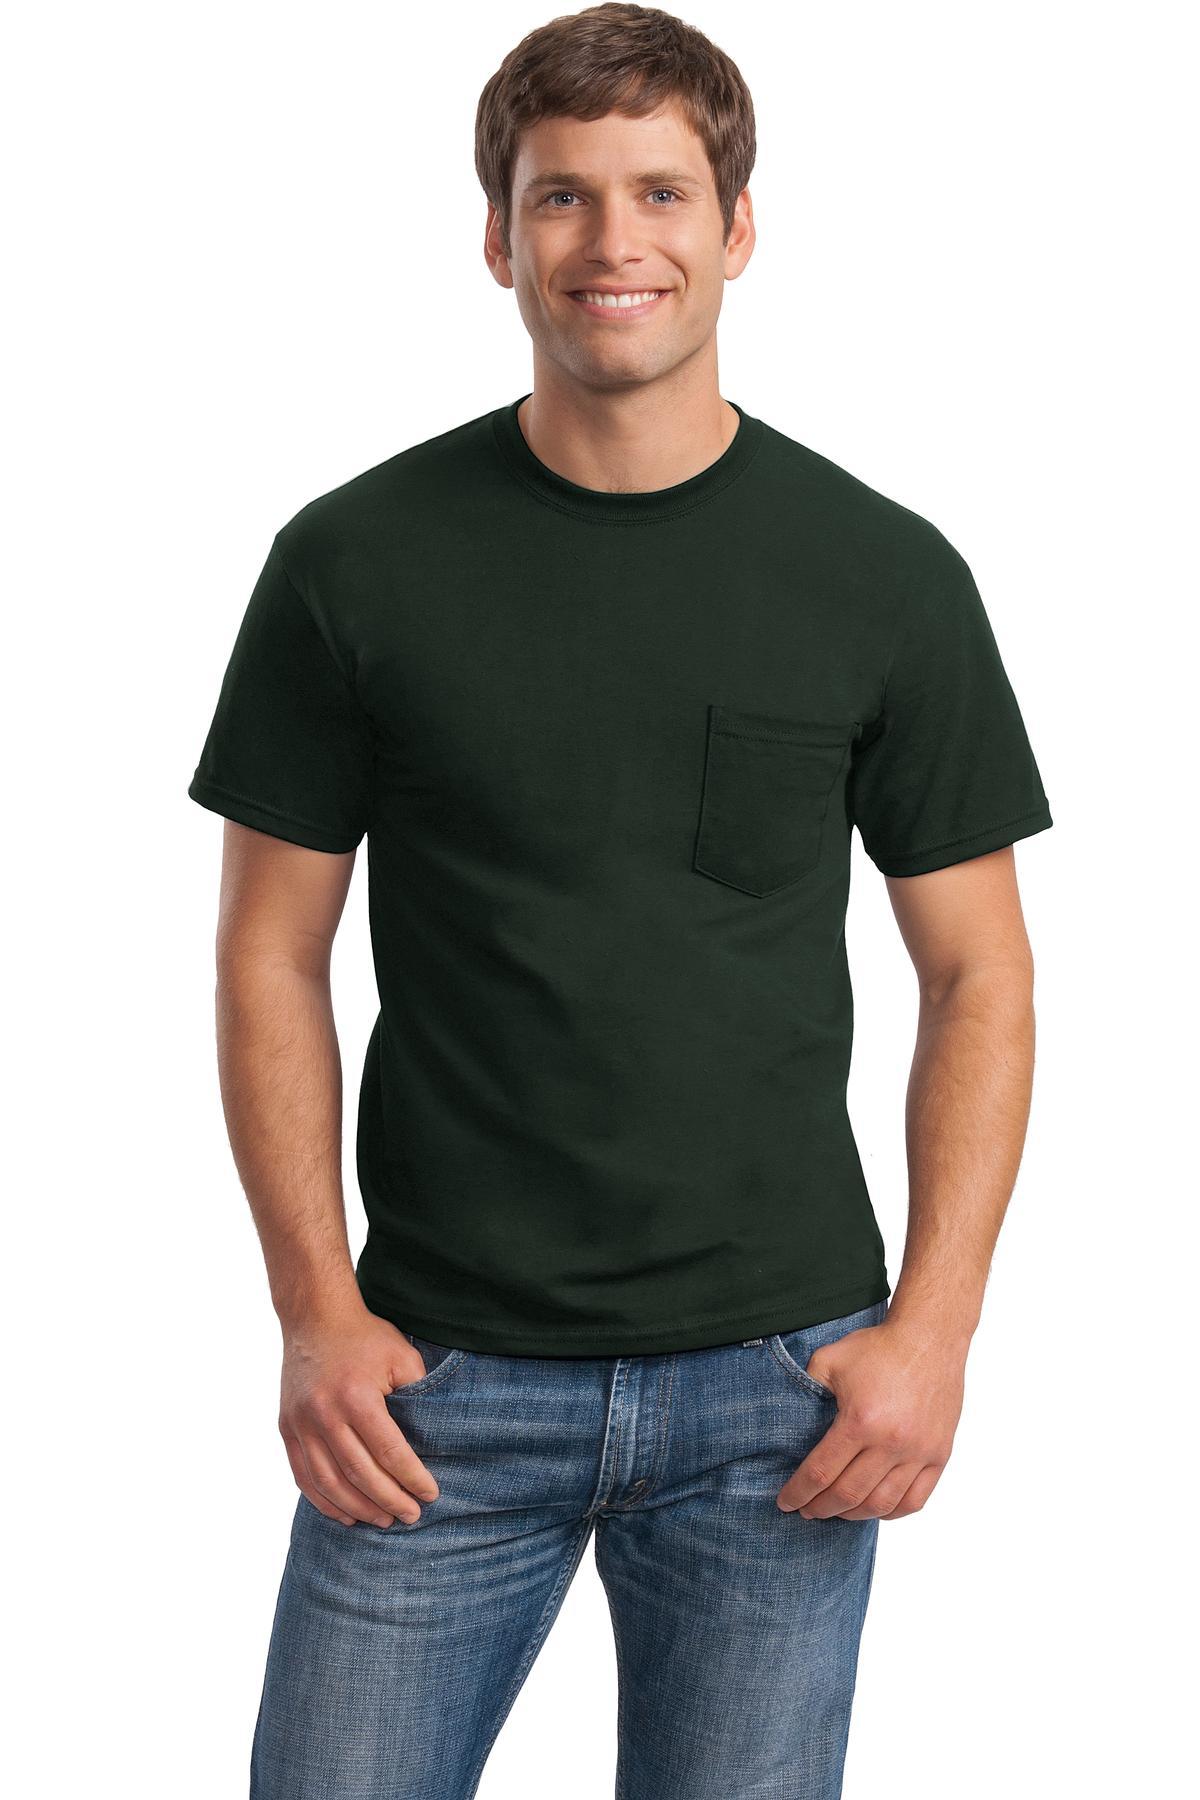 Gildan - DryBlend 50 Cotton 50 DryBlendPoly Pocket T-Shirt. 8300